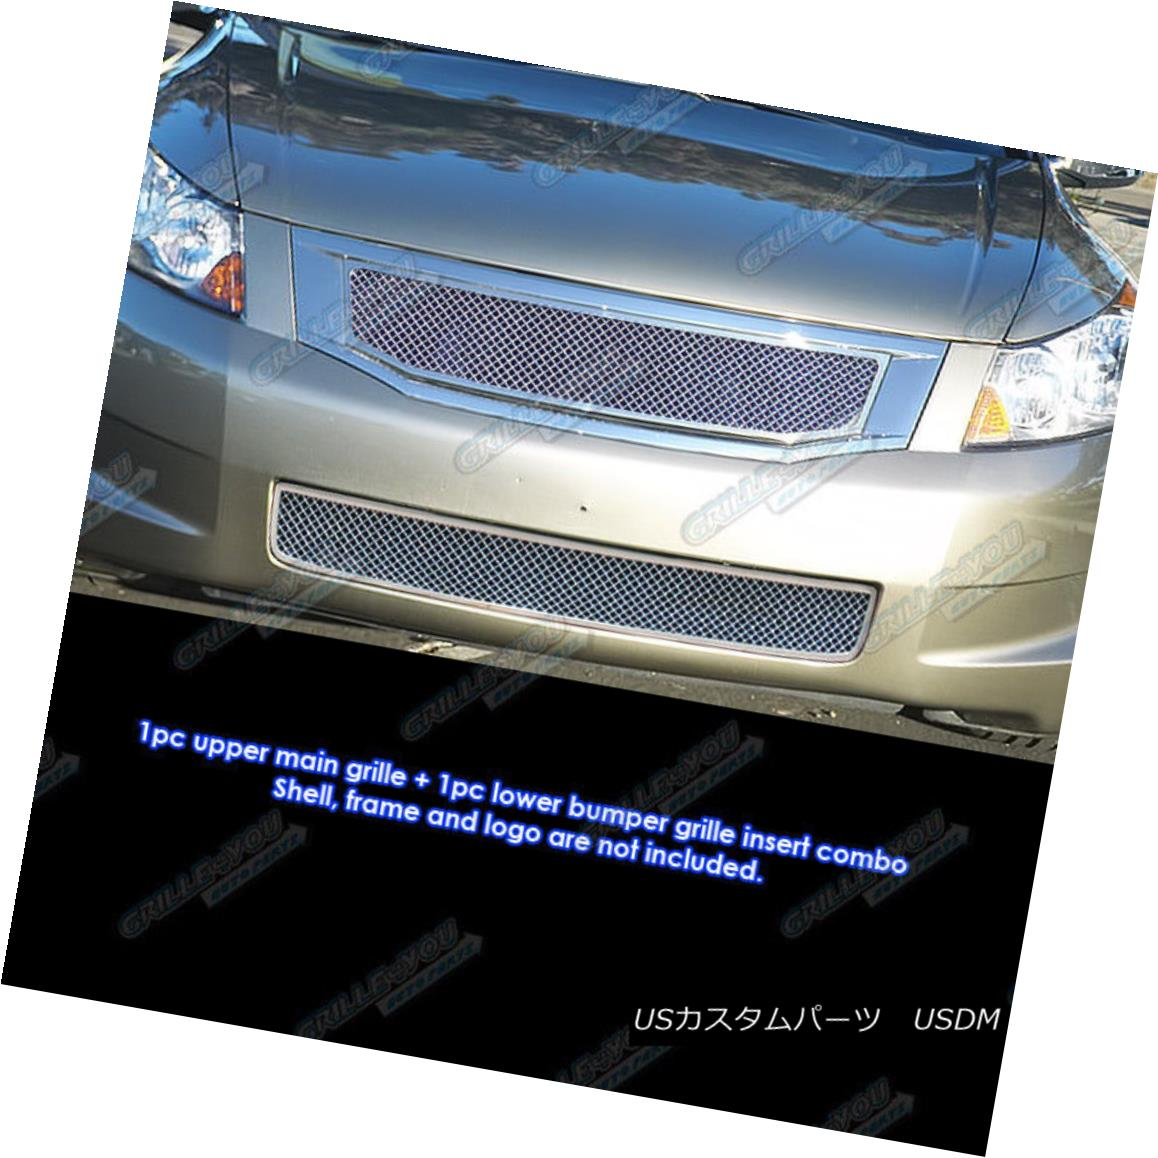 グリル Fits 2008-2010 Honda Accord Sedan Stainless Steel Mesh Grille Grill Combo Insert フィット2008-2010ホンダアコードセダンステンレスメッシュグリルグリルコンボインサート